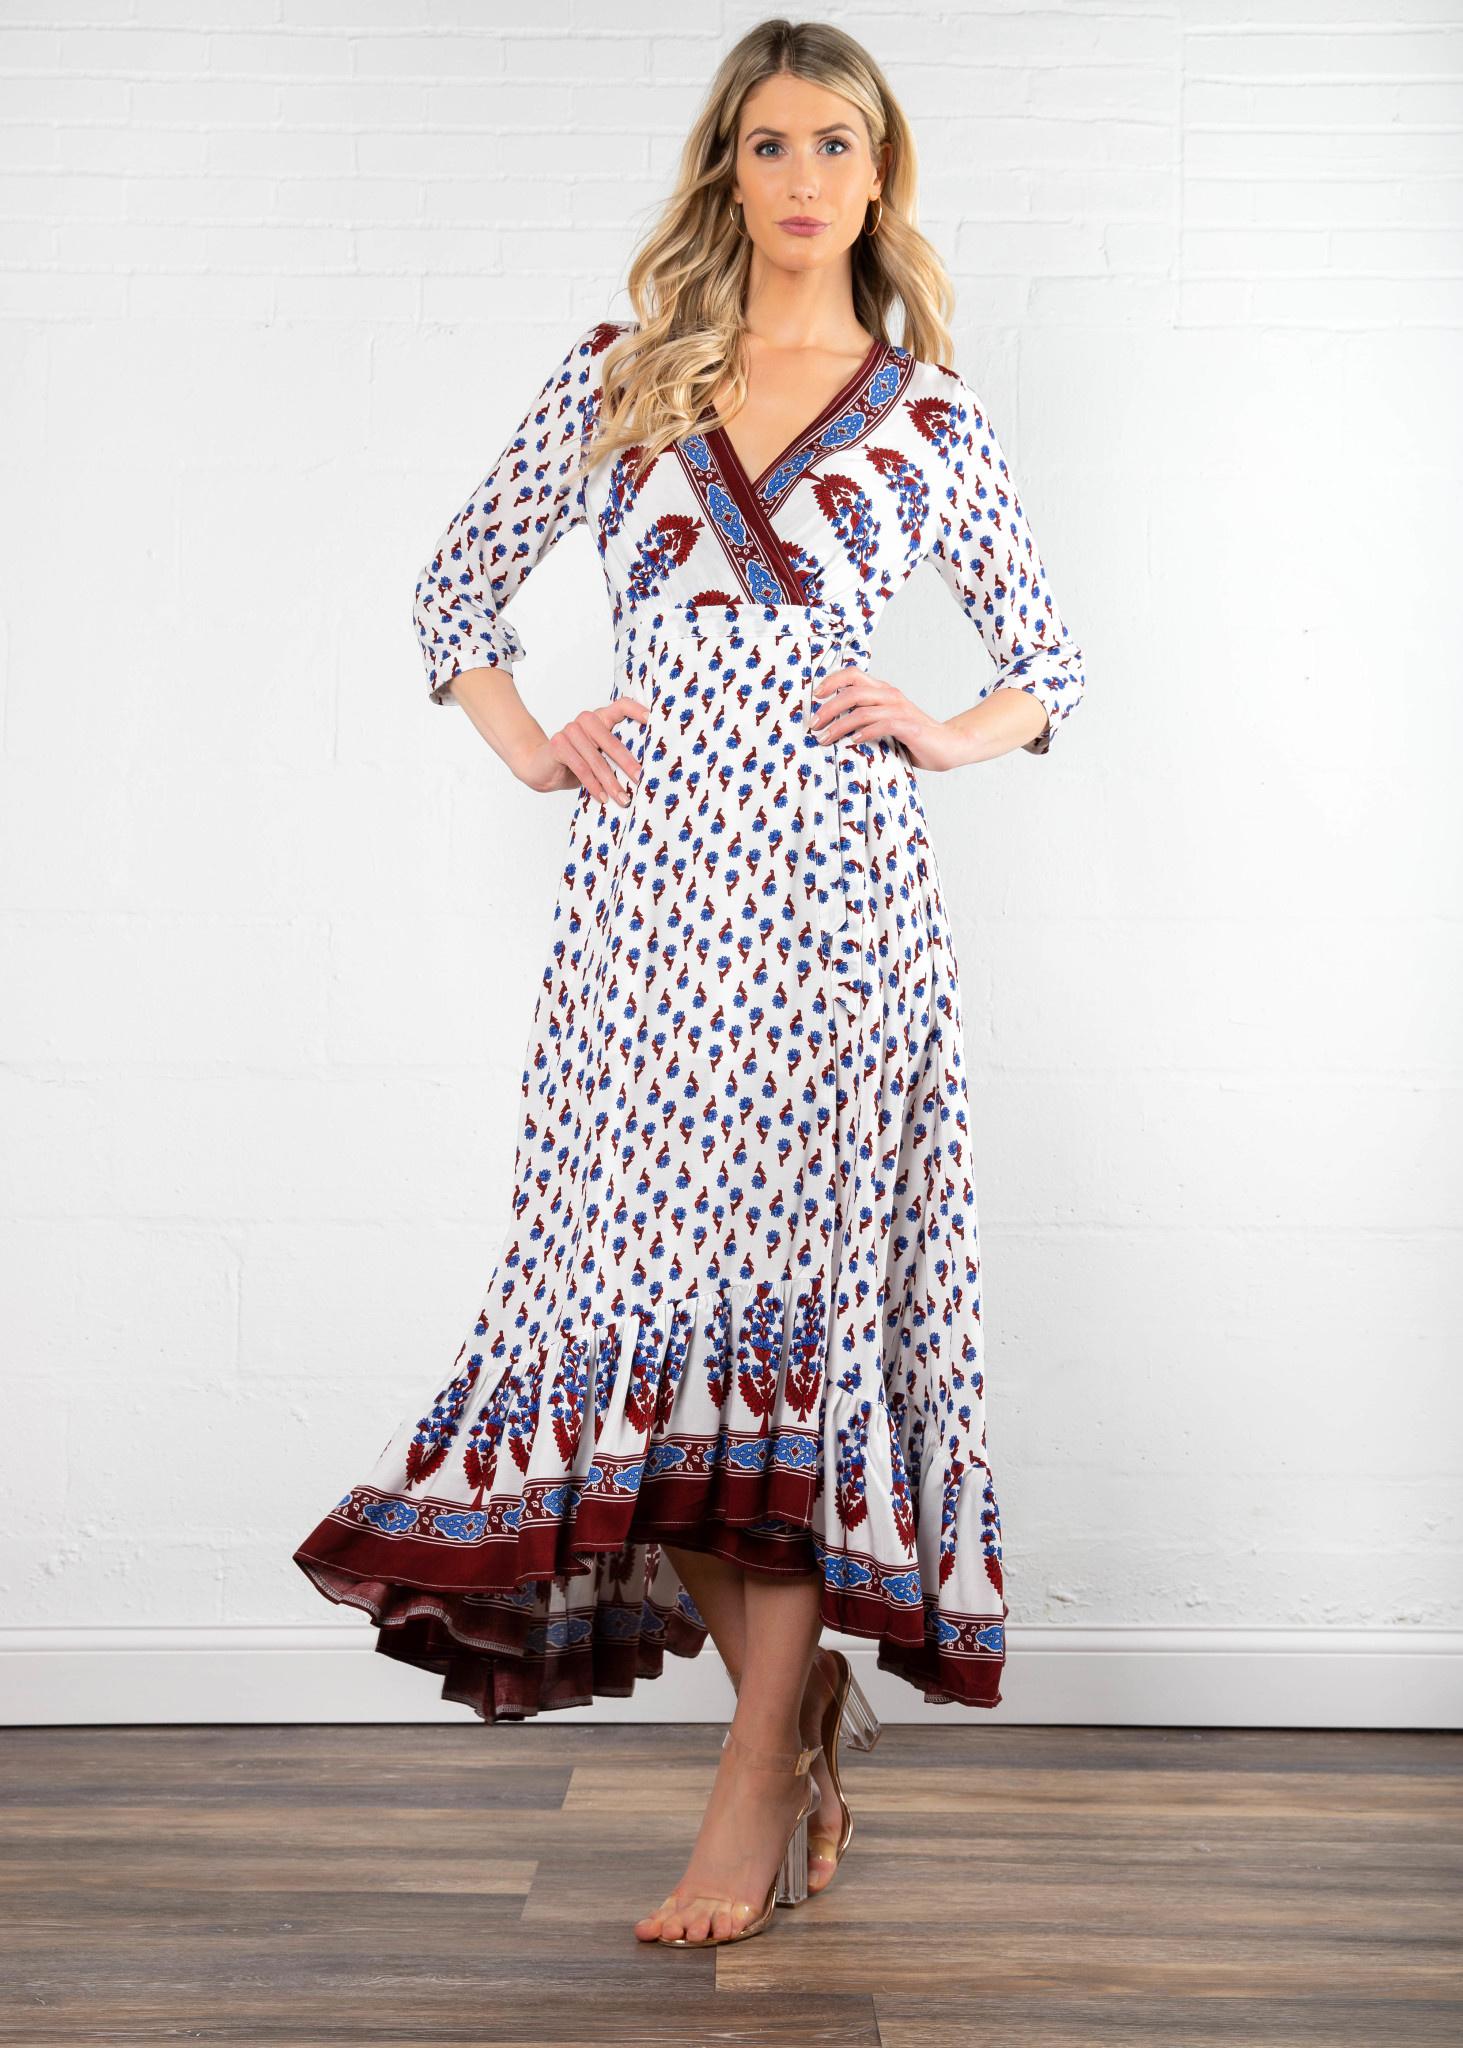 750b0a44d33 Gondala Ride Printed Wrap Dress